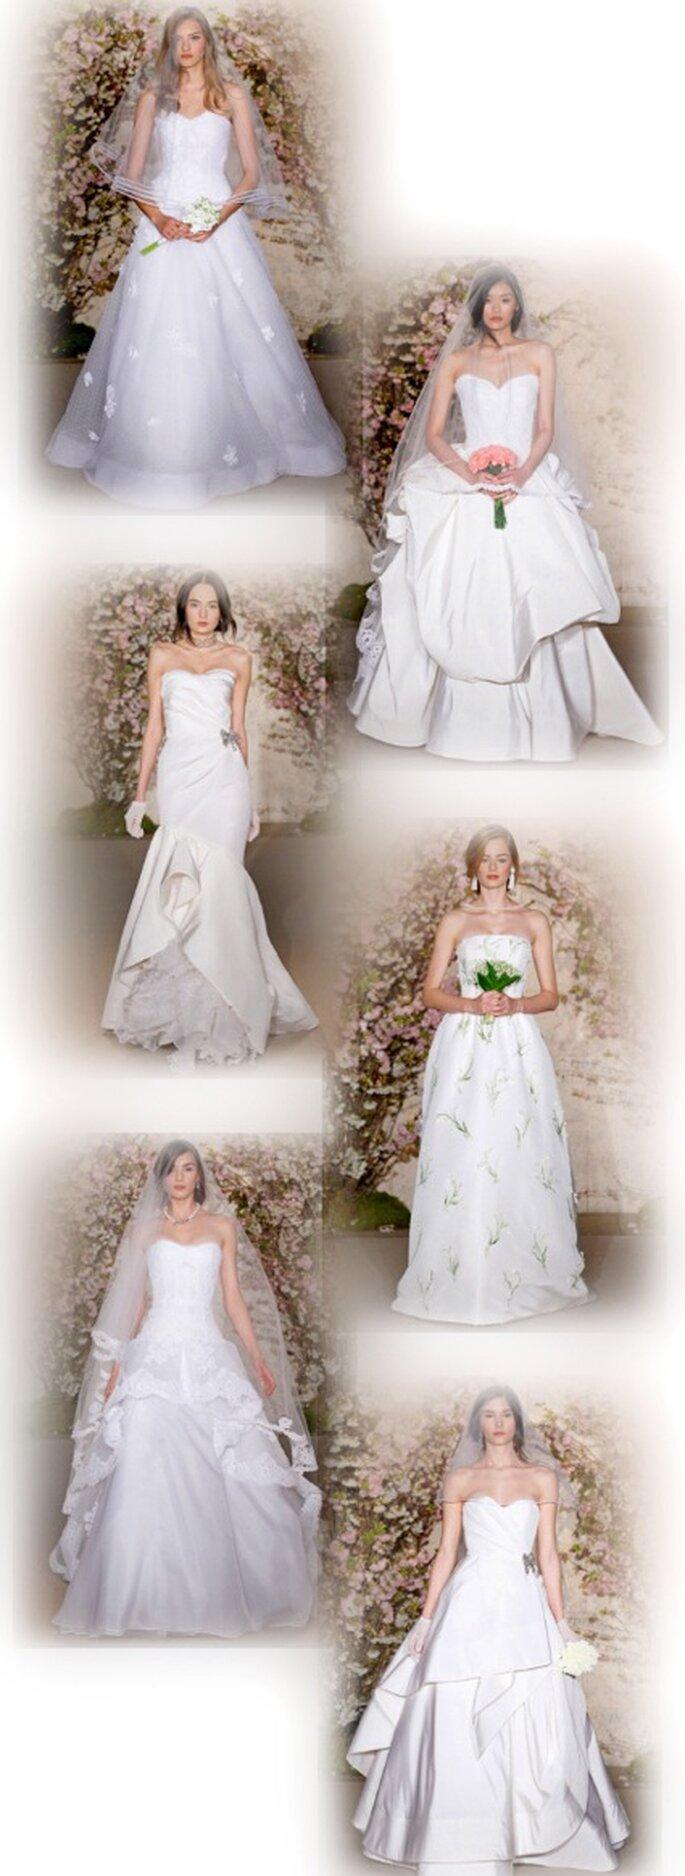 Trägerlose Hochzeitskleider aus Óscar de la Rentas neuer Kollektion